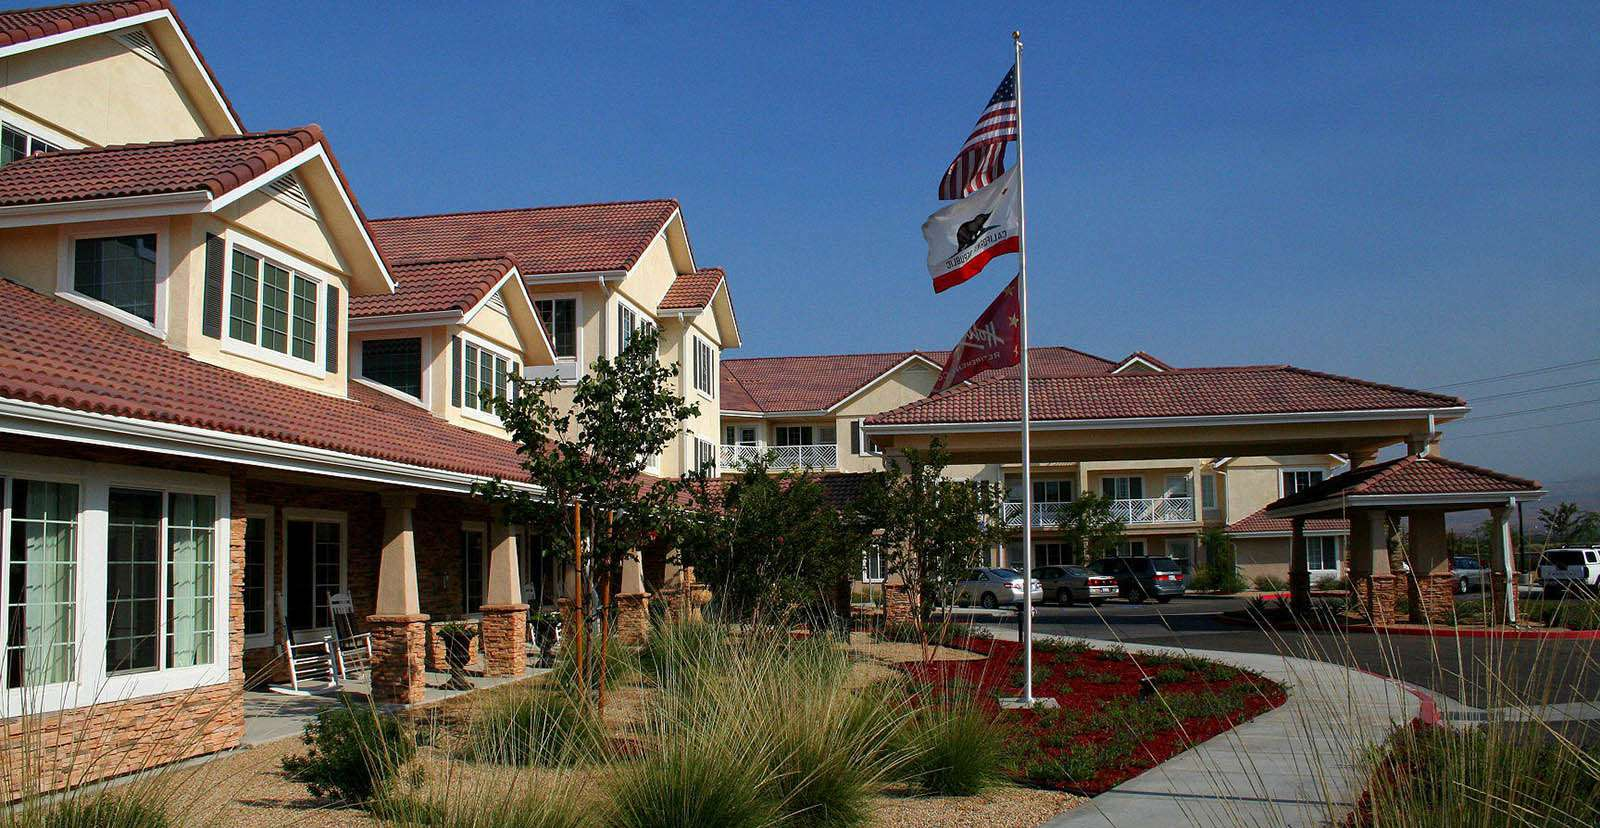 Rancho Village image 5